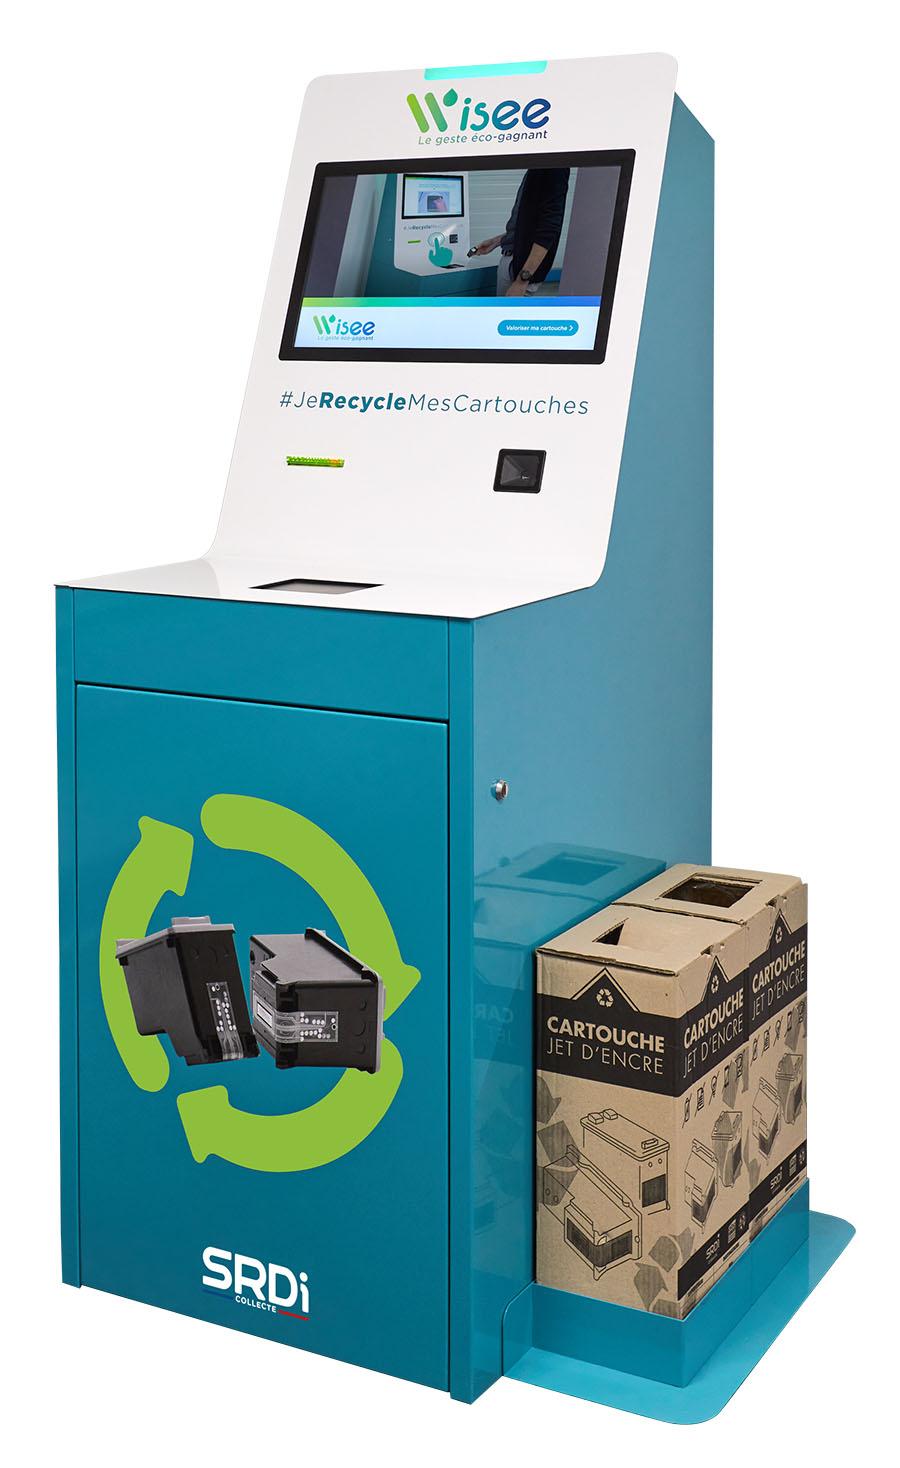 Borne connectée de recyclage de cartouche d'encre